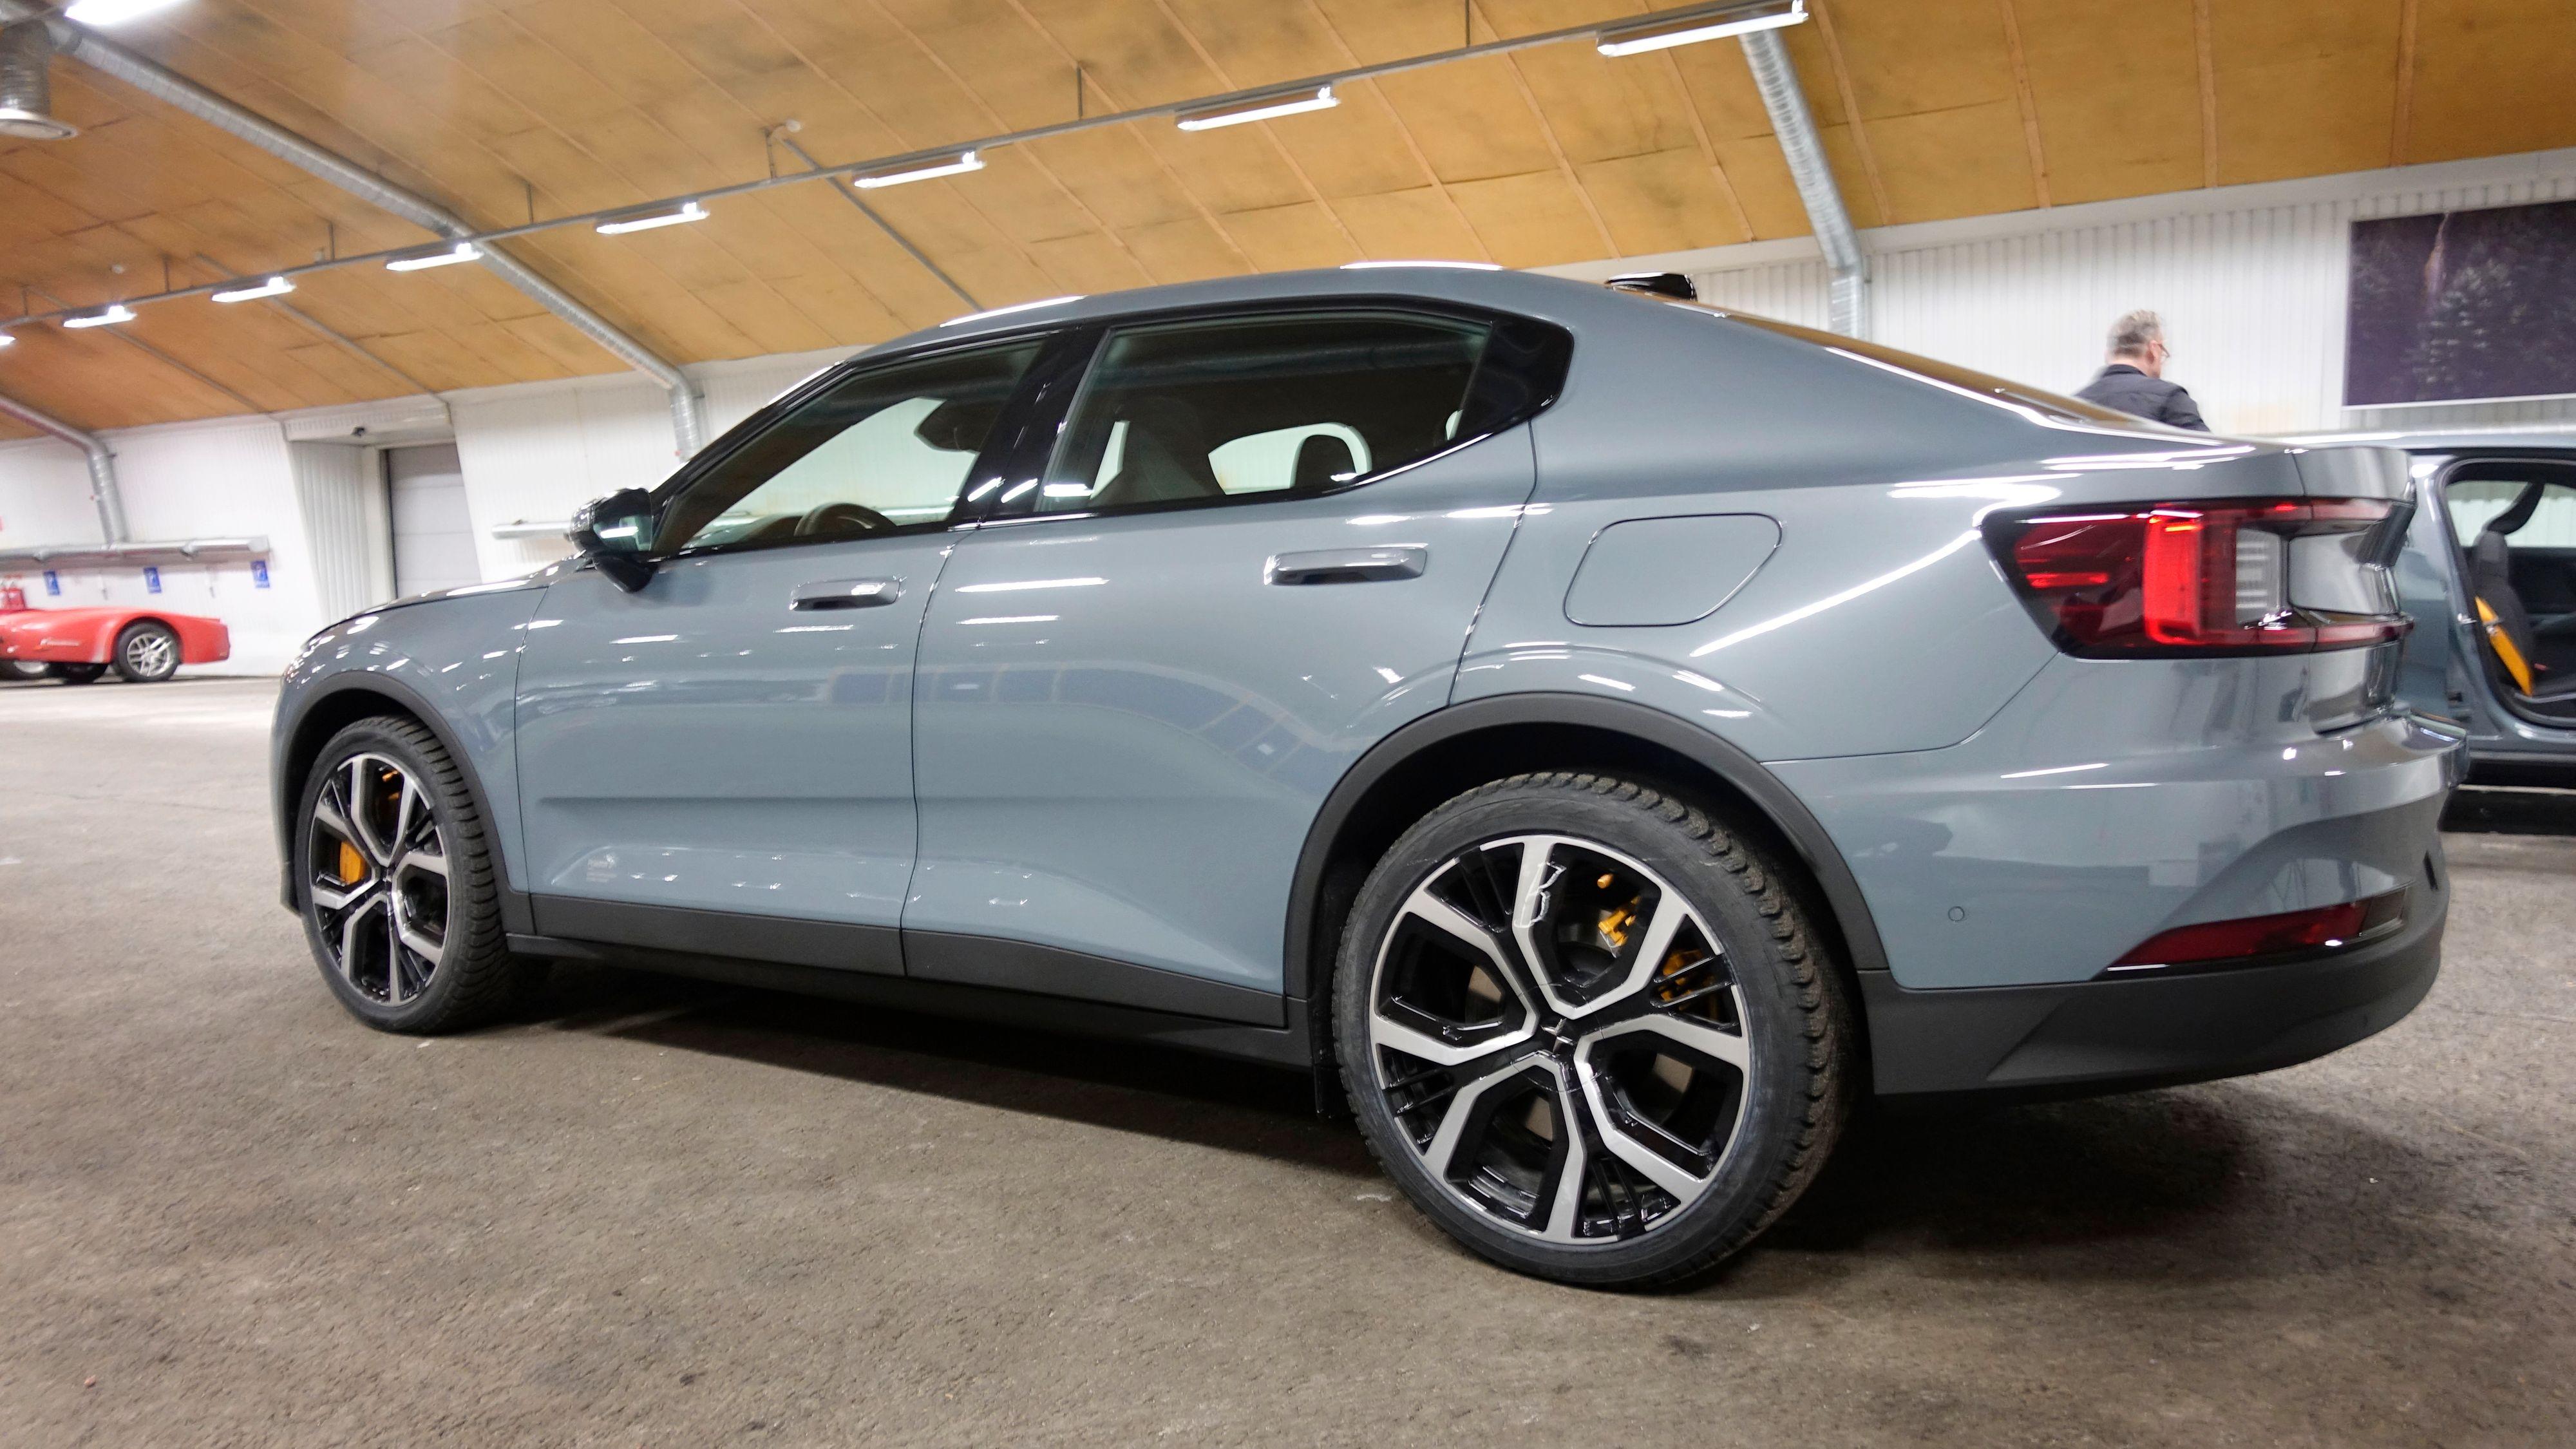 Polestar 2 er den andre egne bilen fra Volvo-eide Polestar, og den første elbilen. Norske kunder har tilsynelatende gått mann av huse for å sikre seg en.